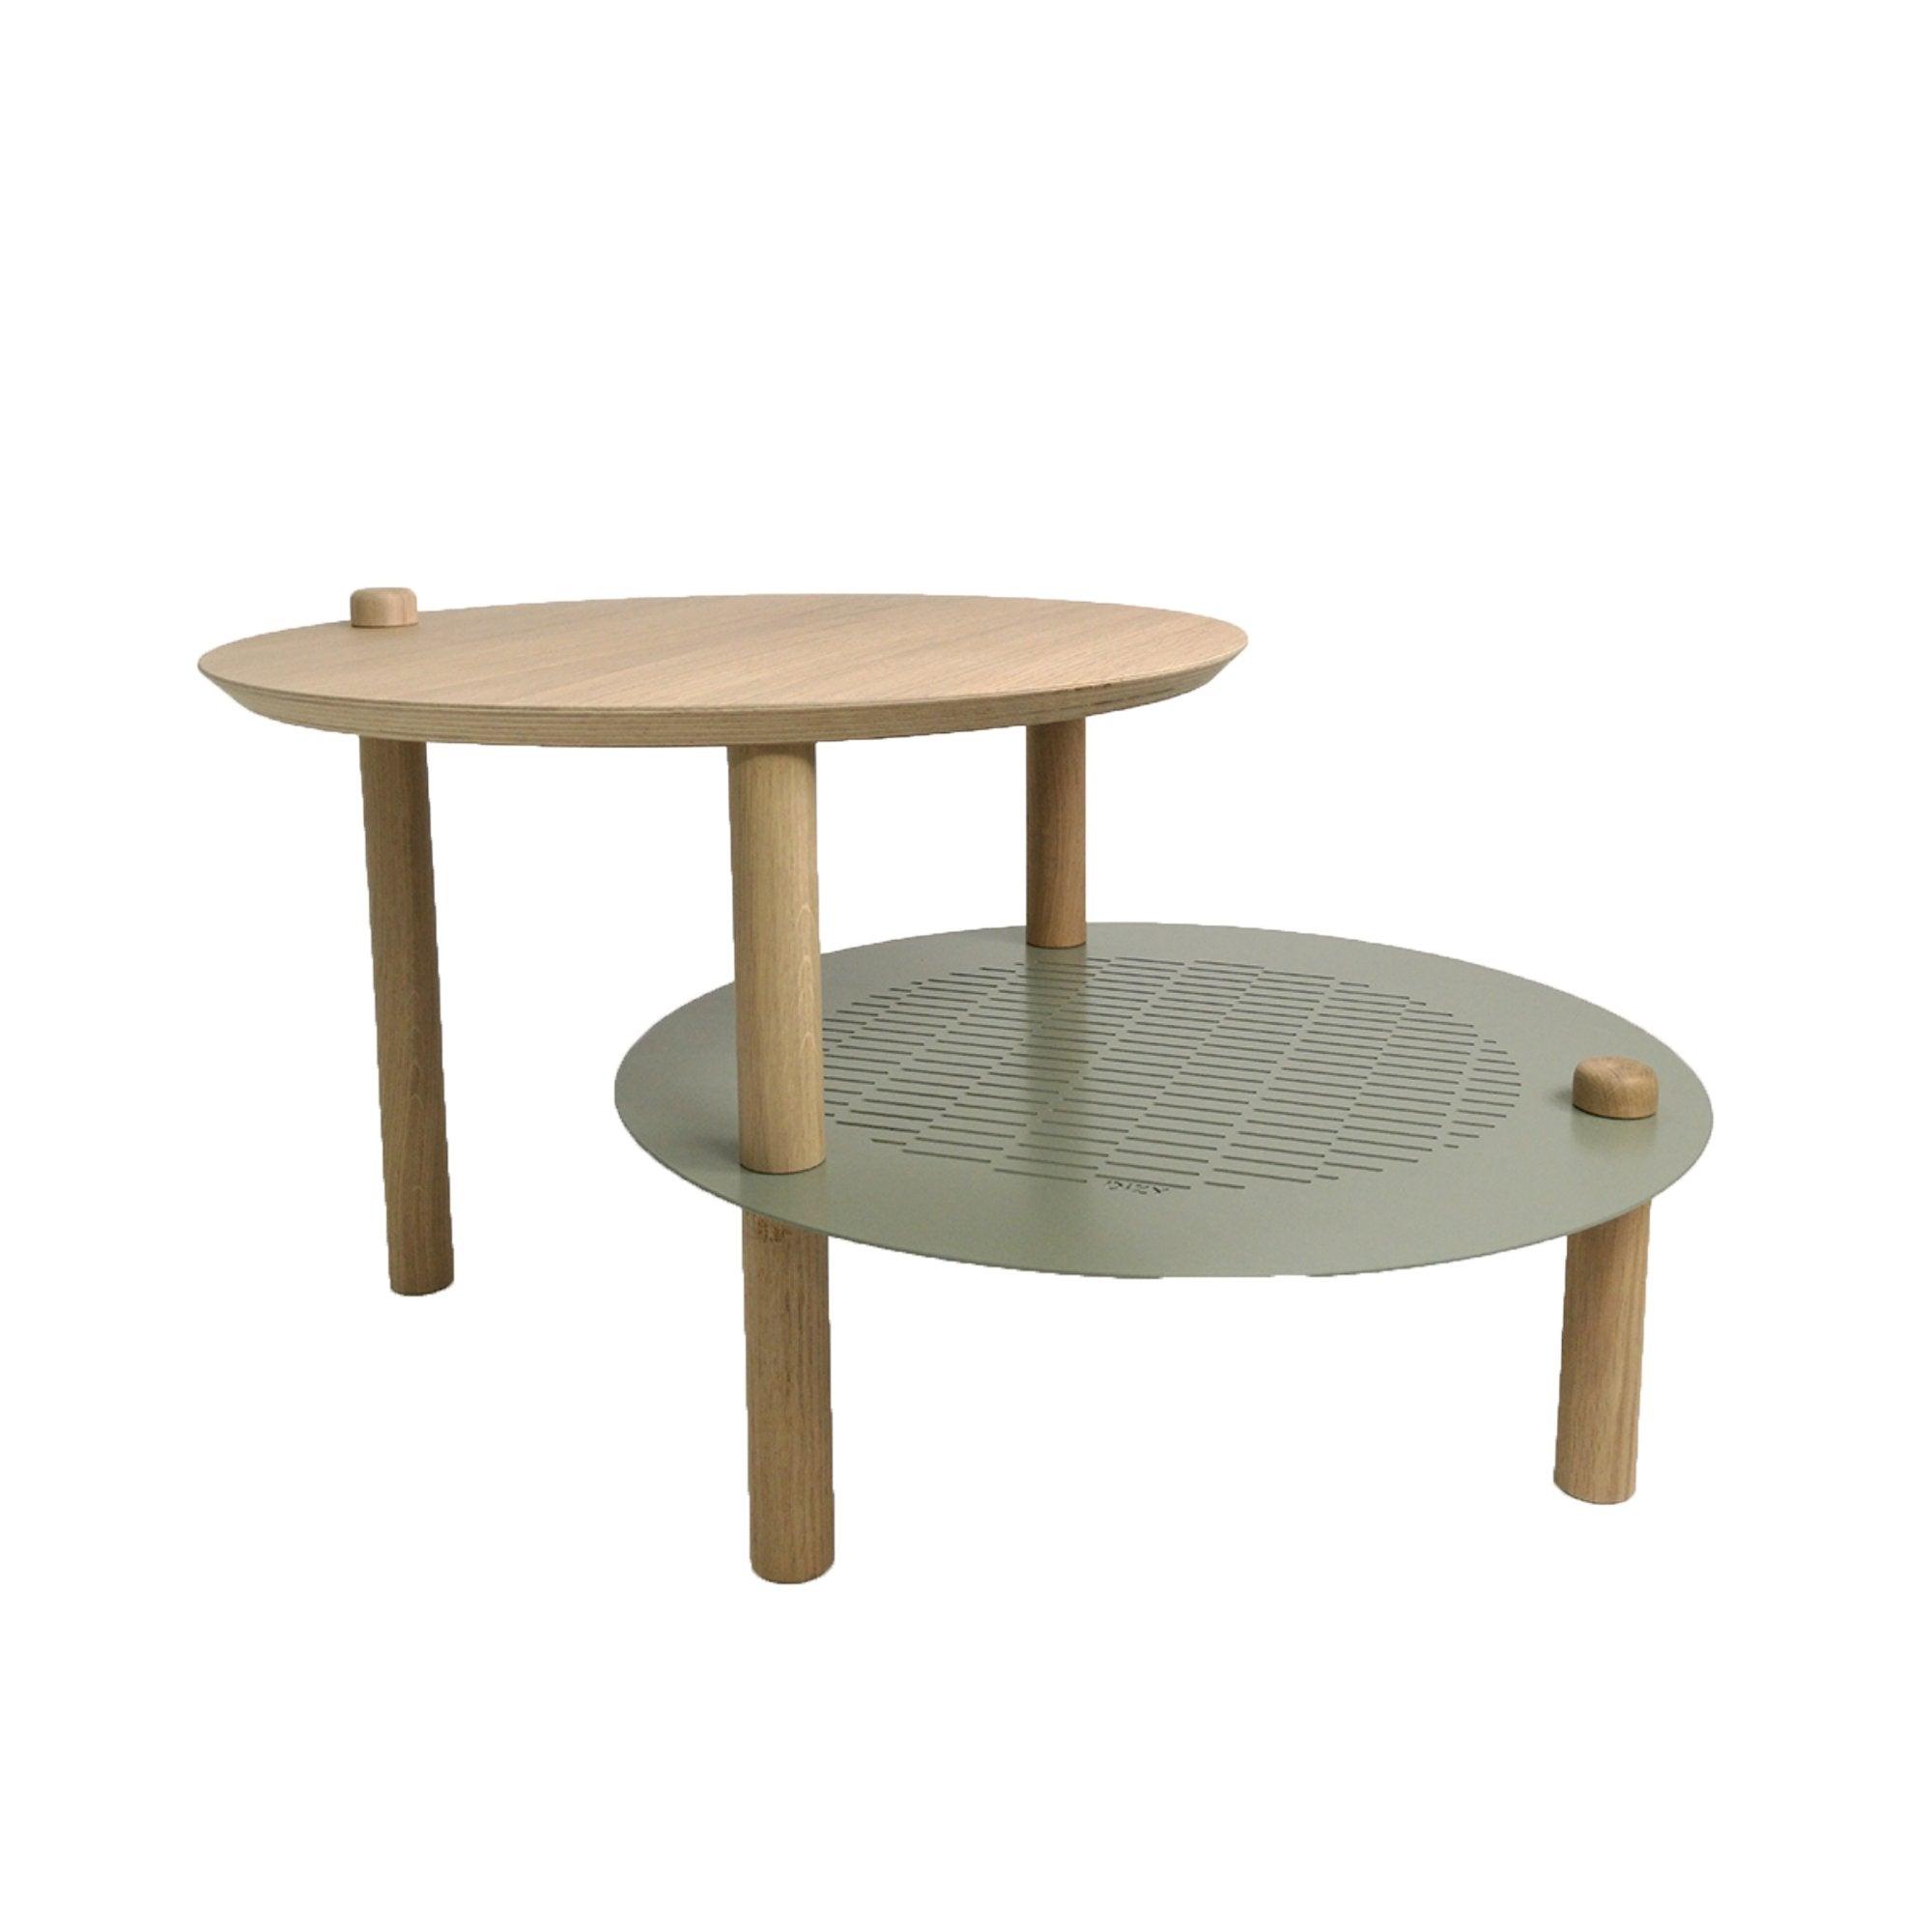 DIZY design Table de chevet avec 2 plateaux décalés en chne & métal vert